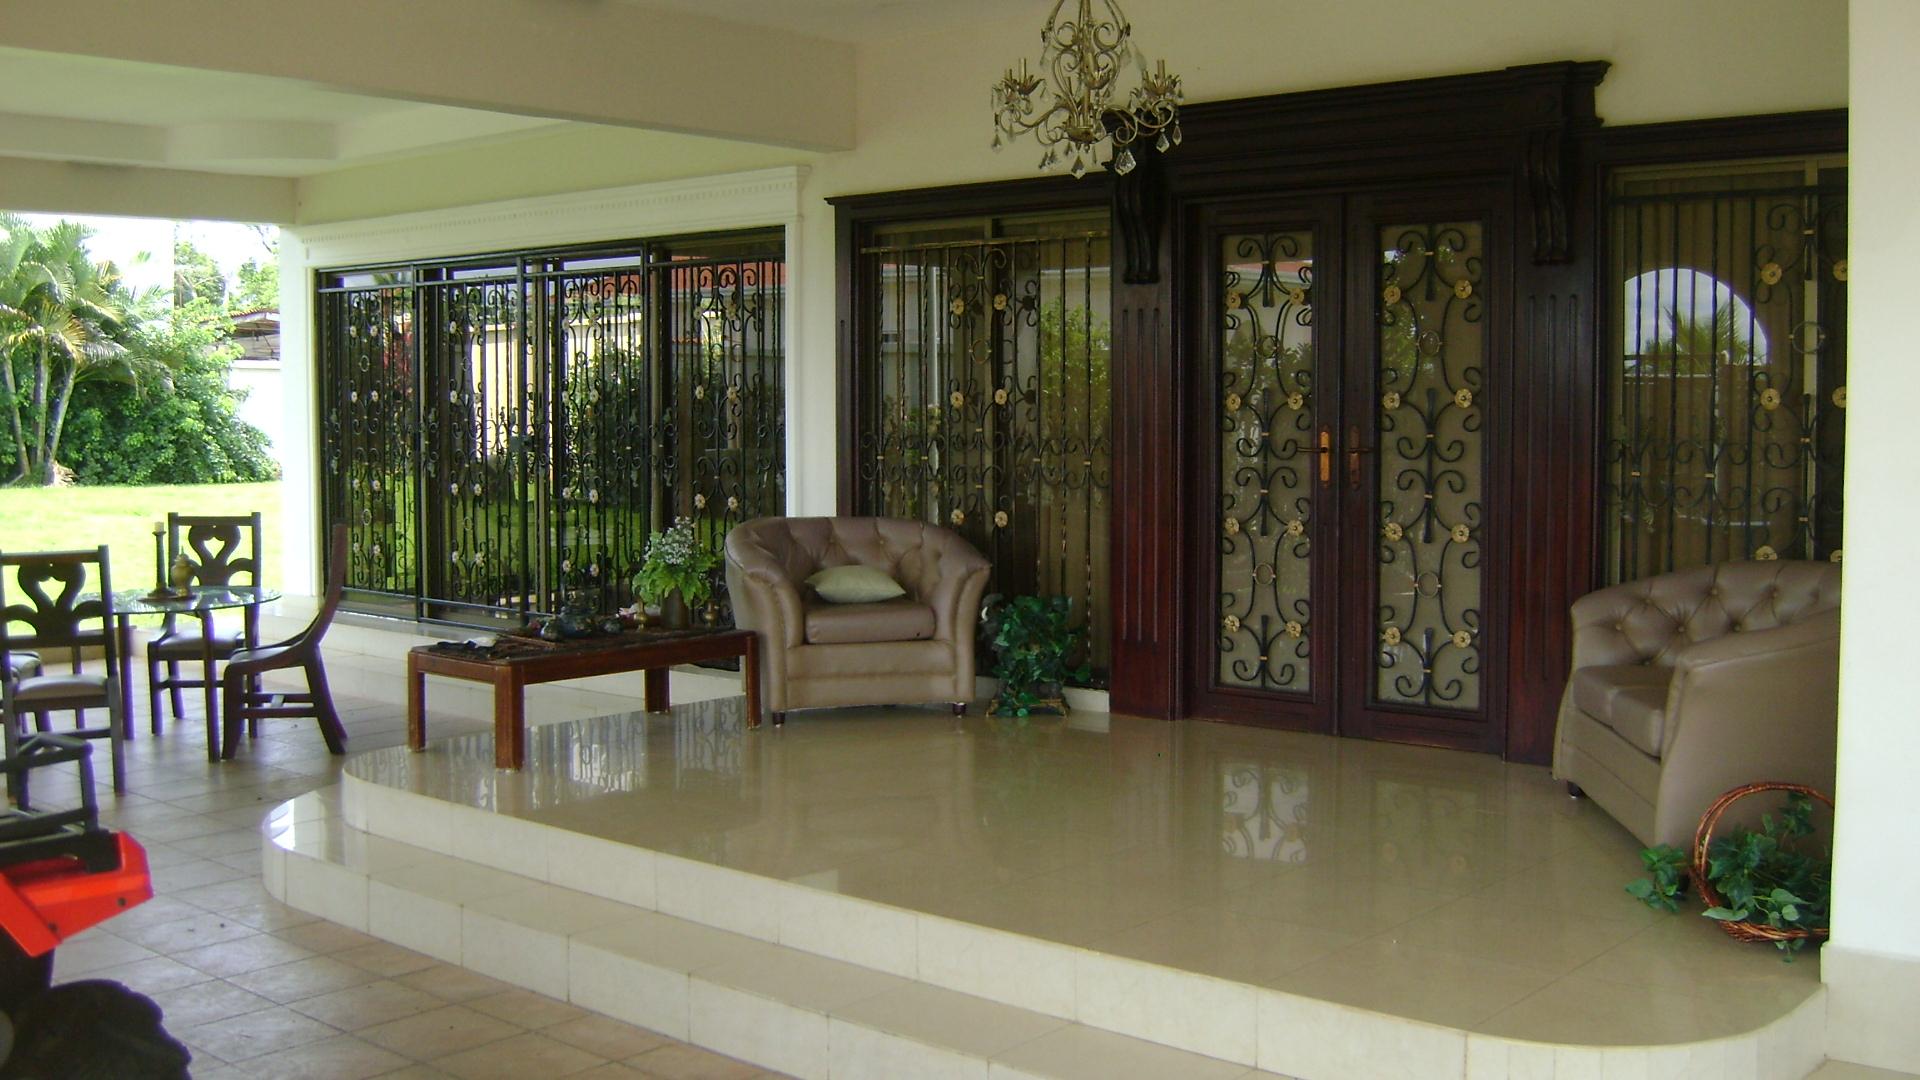 Vendo hermosa casa bien ubicada p1107 inmopanama for Modelo de casa con terraza